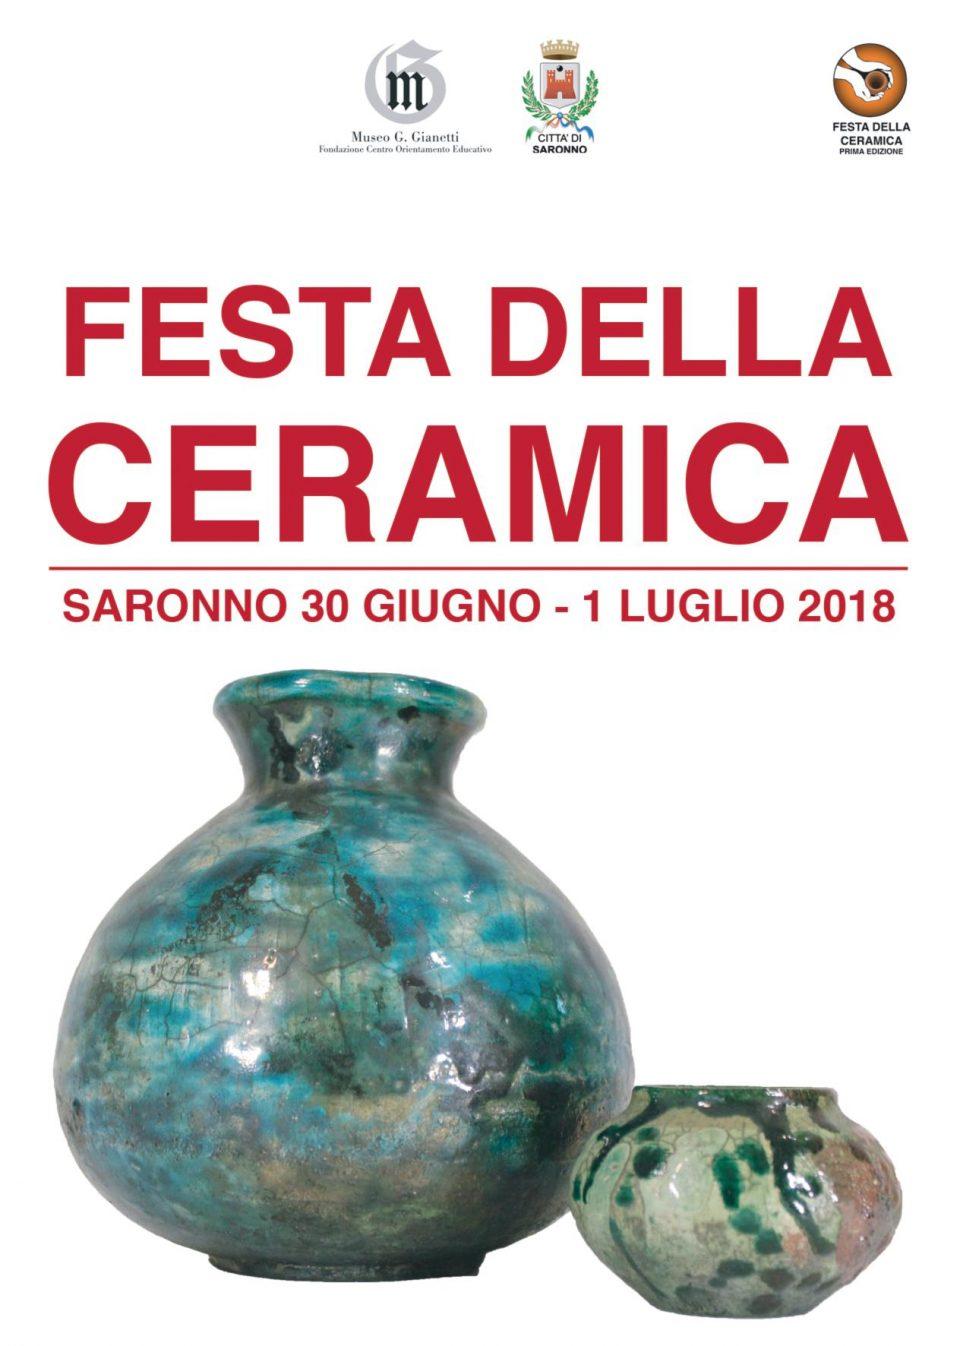 Festa della ceramica Saronno 2018 - programma